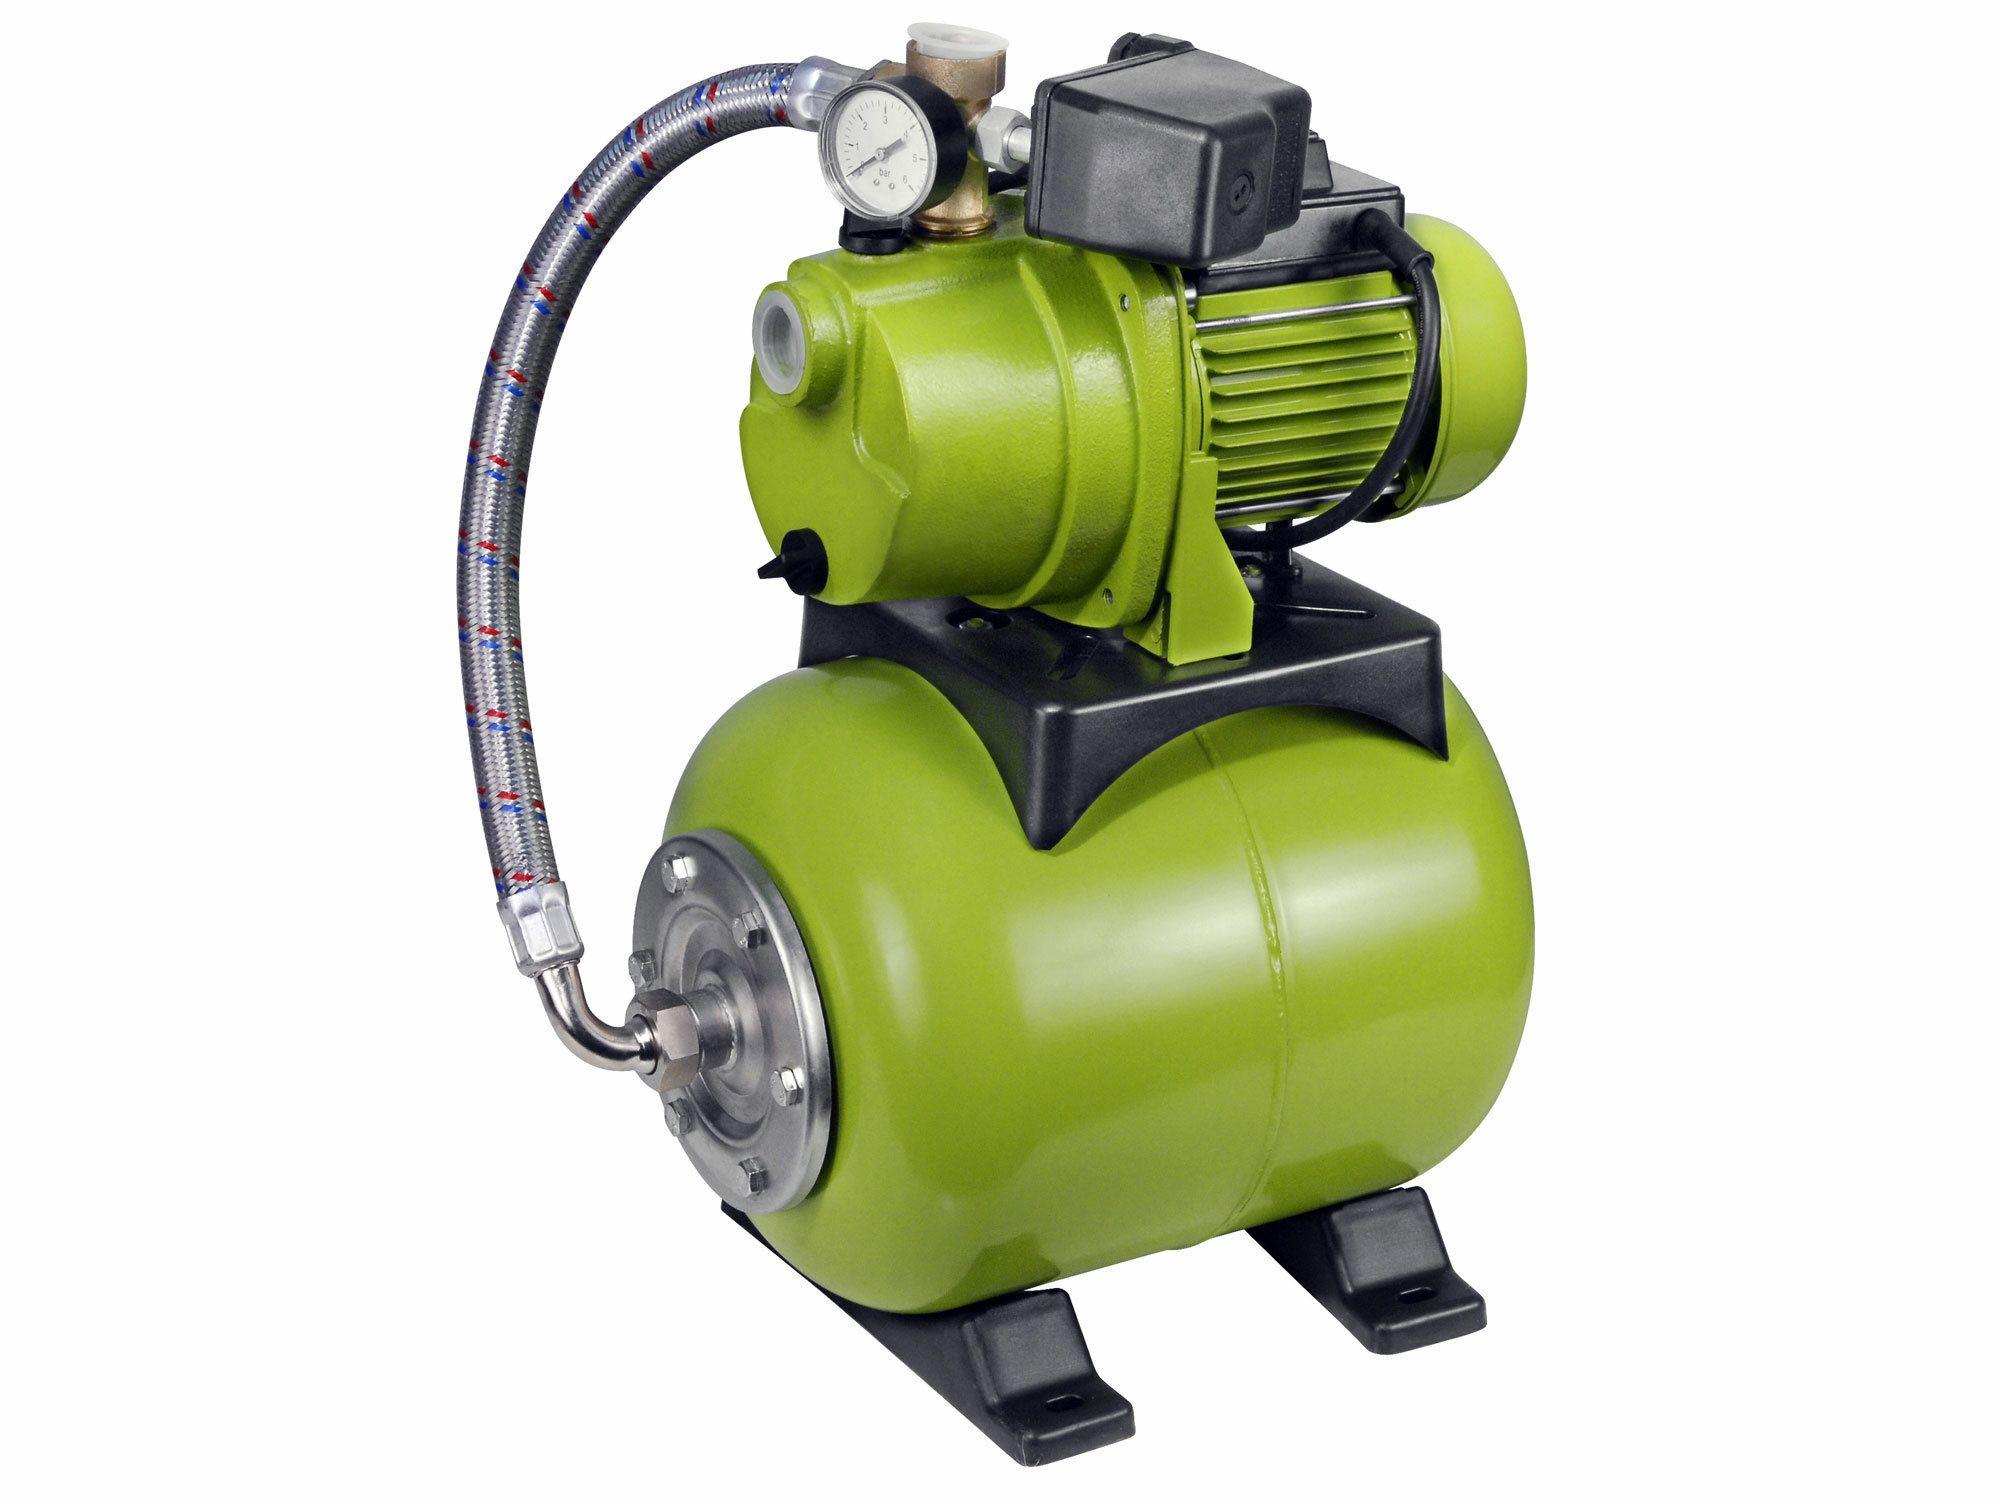 Čerpadlo el. prúdové s tlak. nádobou, 1200W, 3800l/hod, 20l, EXTOL CRAFT, 414251